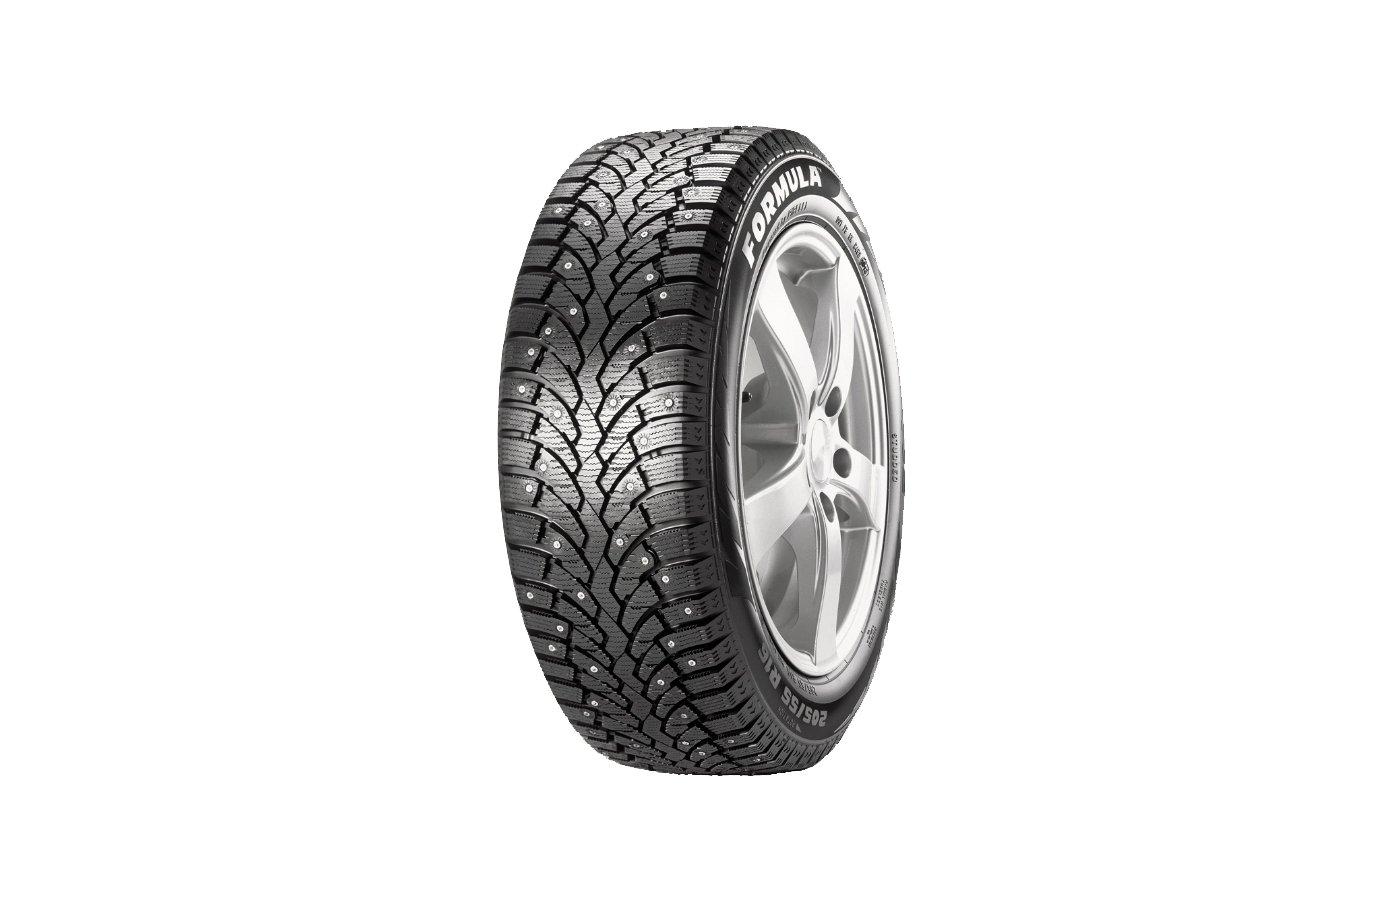 Шина Pirelli Formula Ice 215/55 R16 TL 97T XL шип